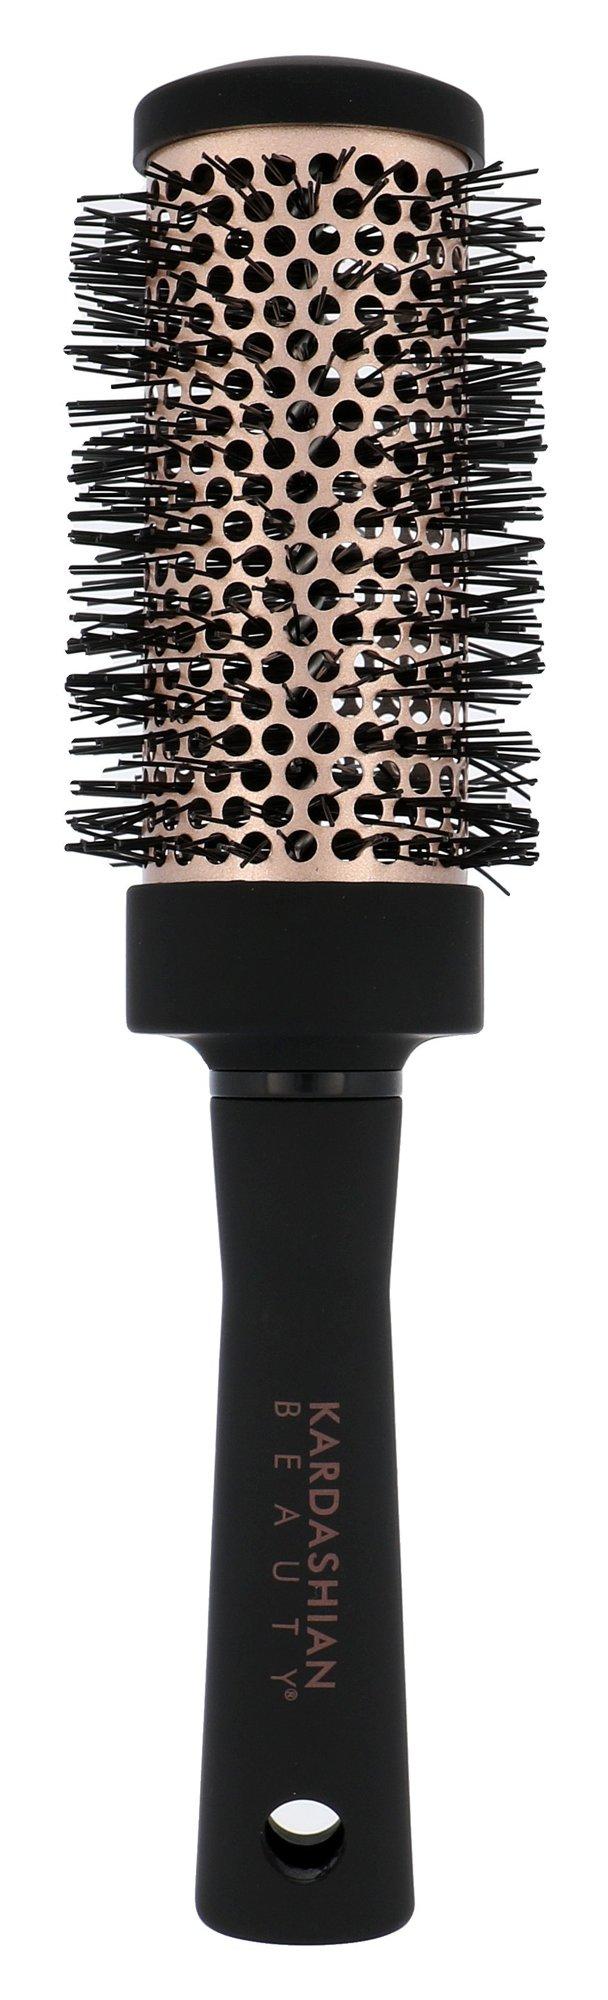 Kardashian Beauty Medium Round Brush Cosmetic 1ks